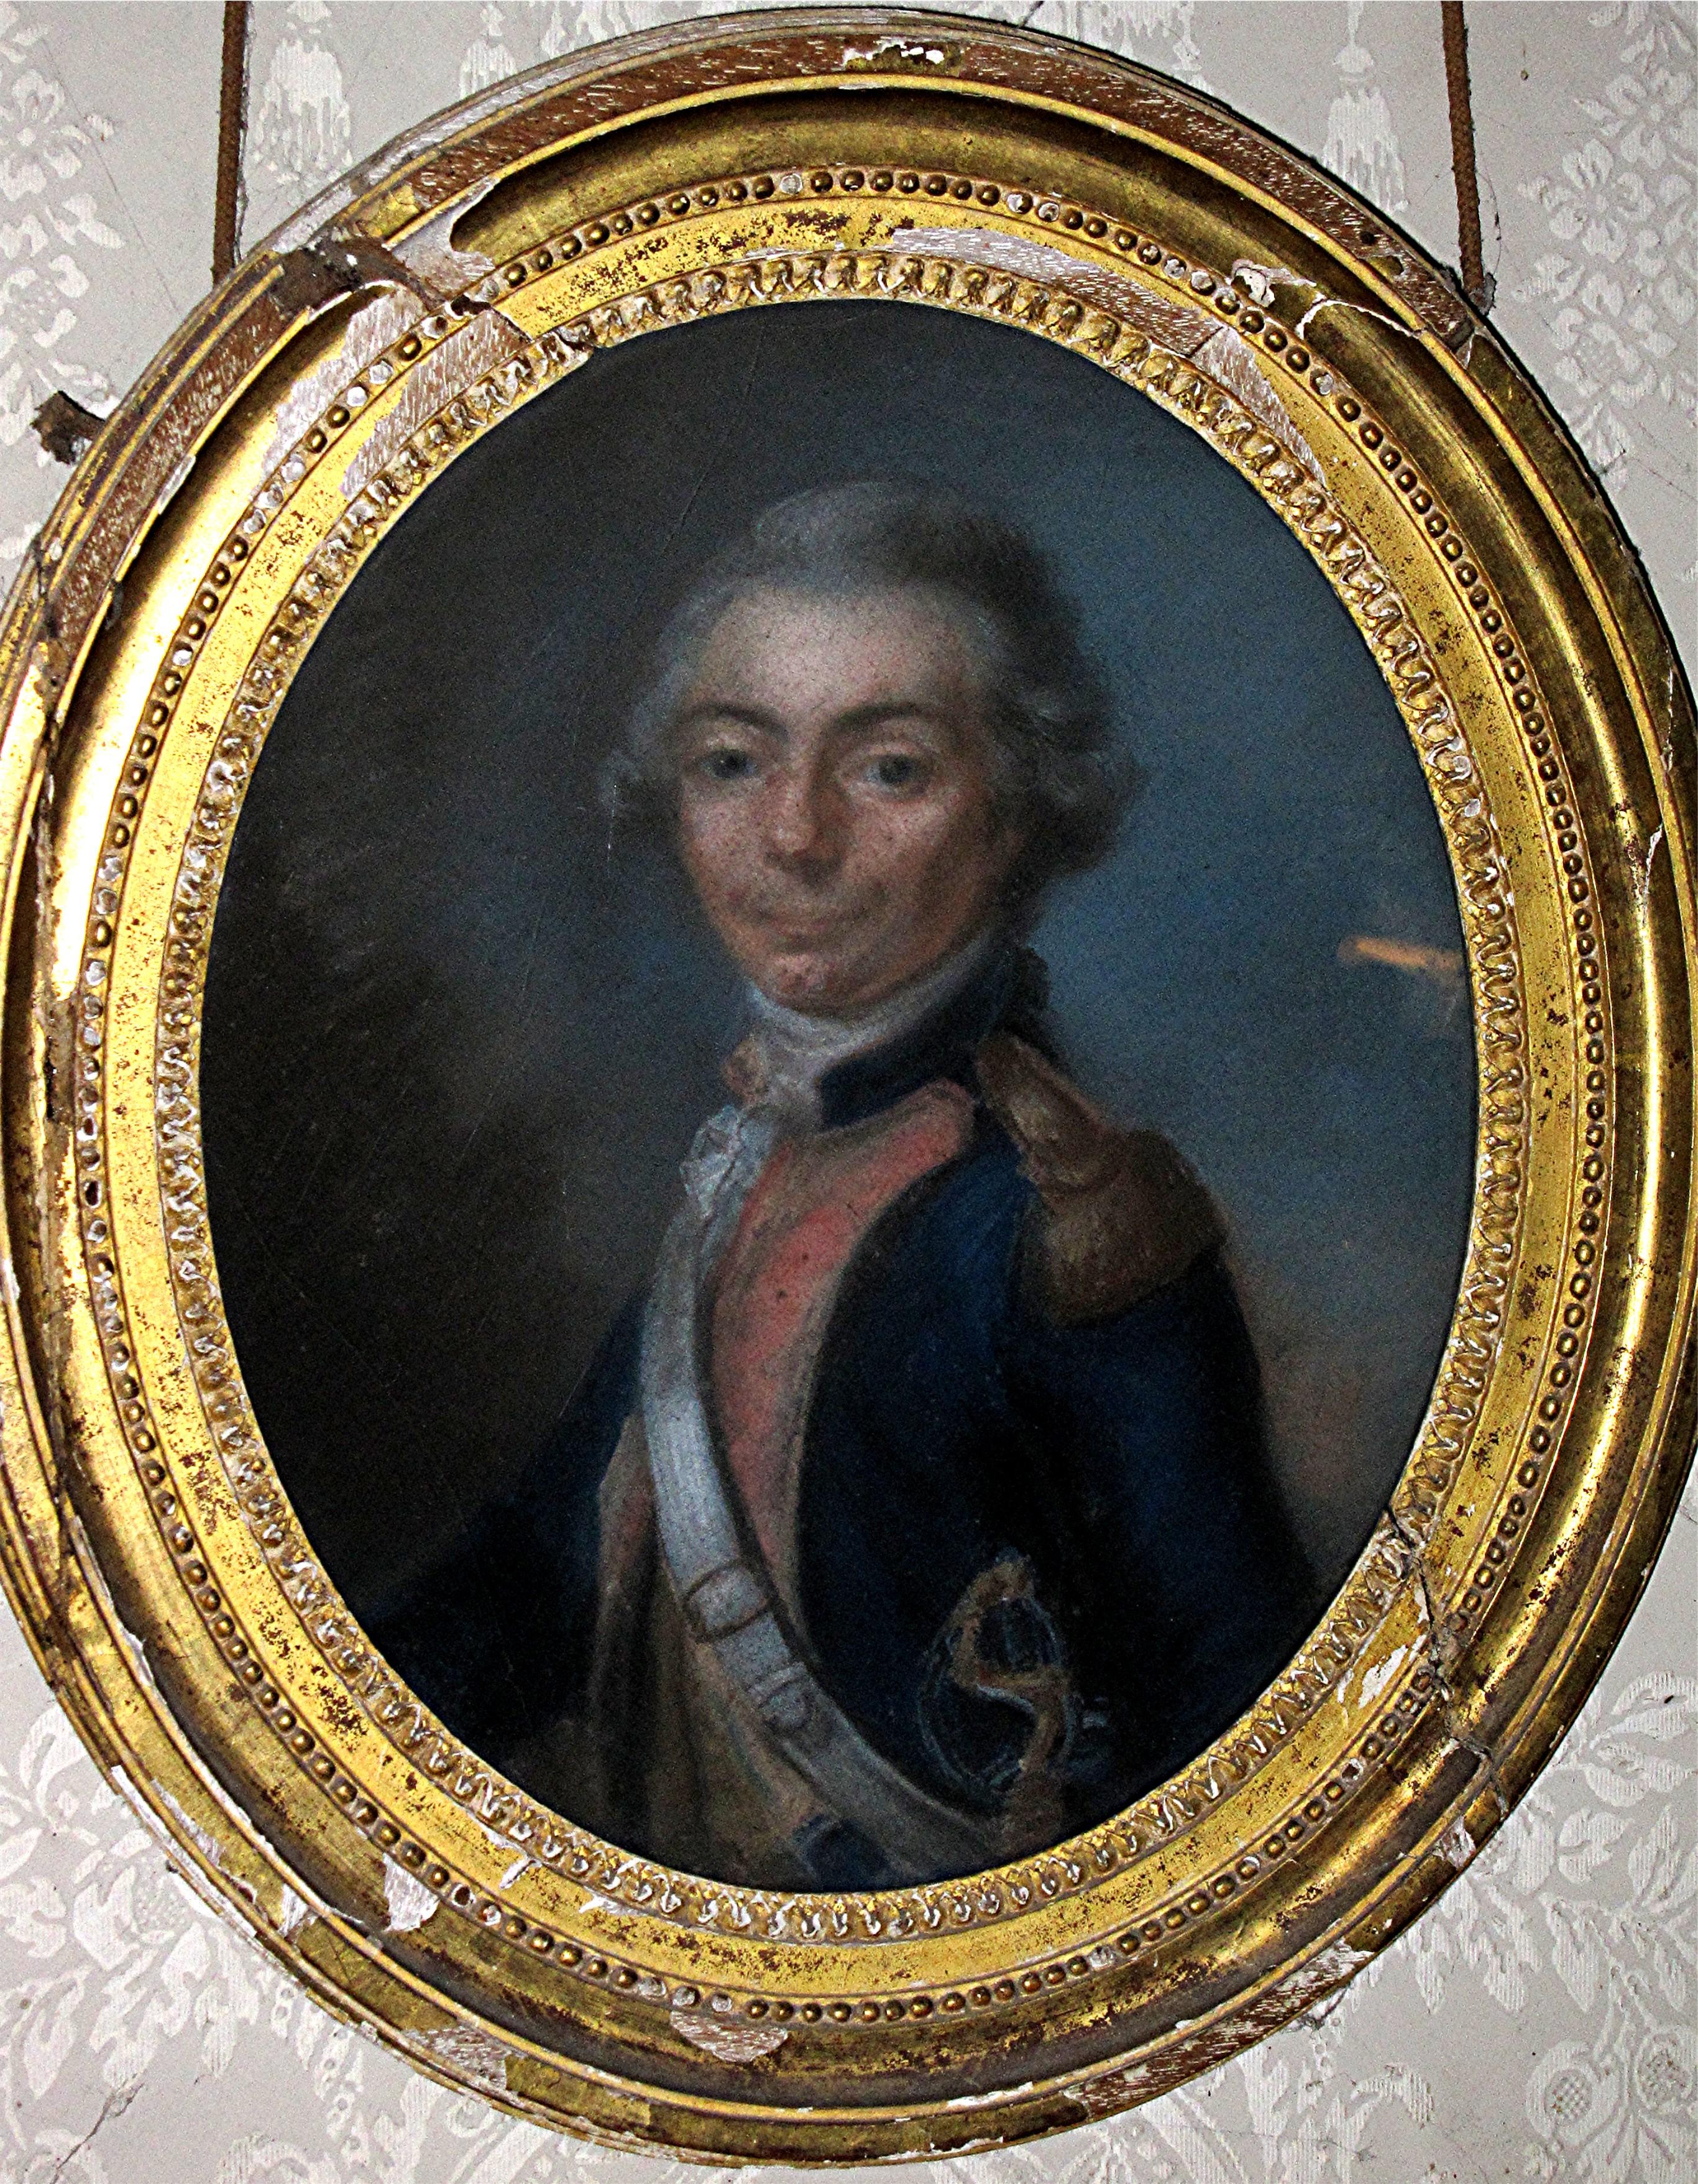 Tableau et son cadre : portrait d'Erasme-Gaspard de Contades, comte de Contades